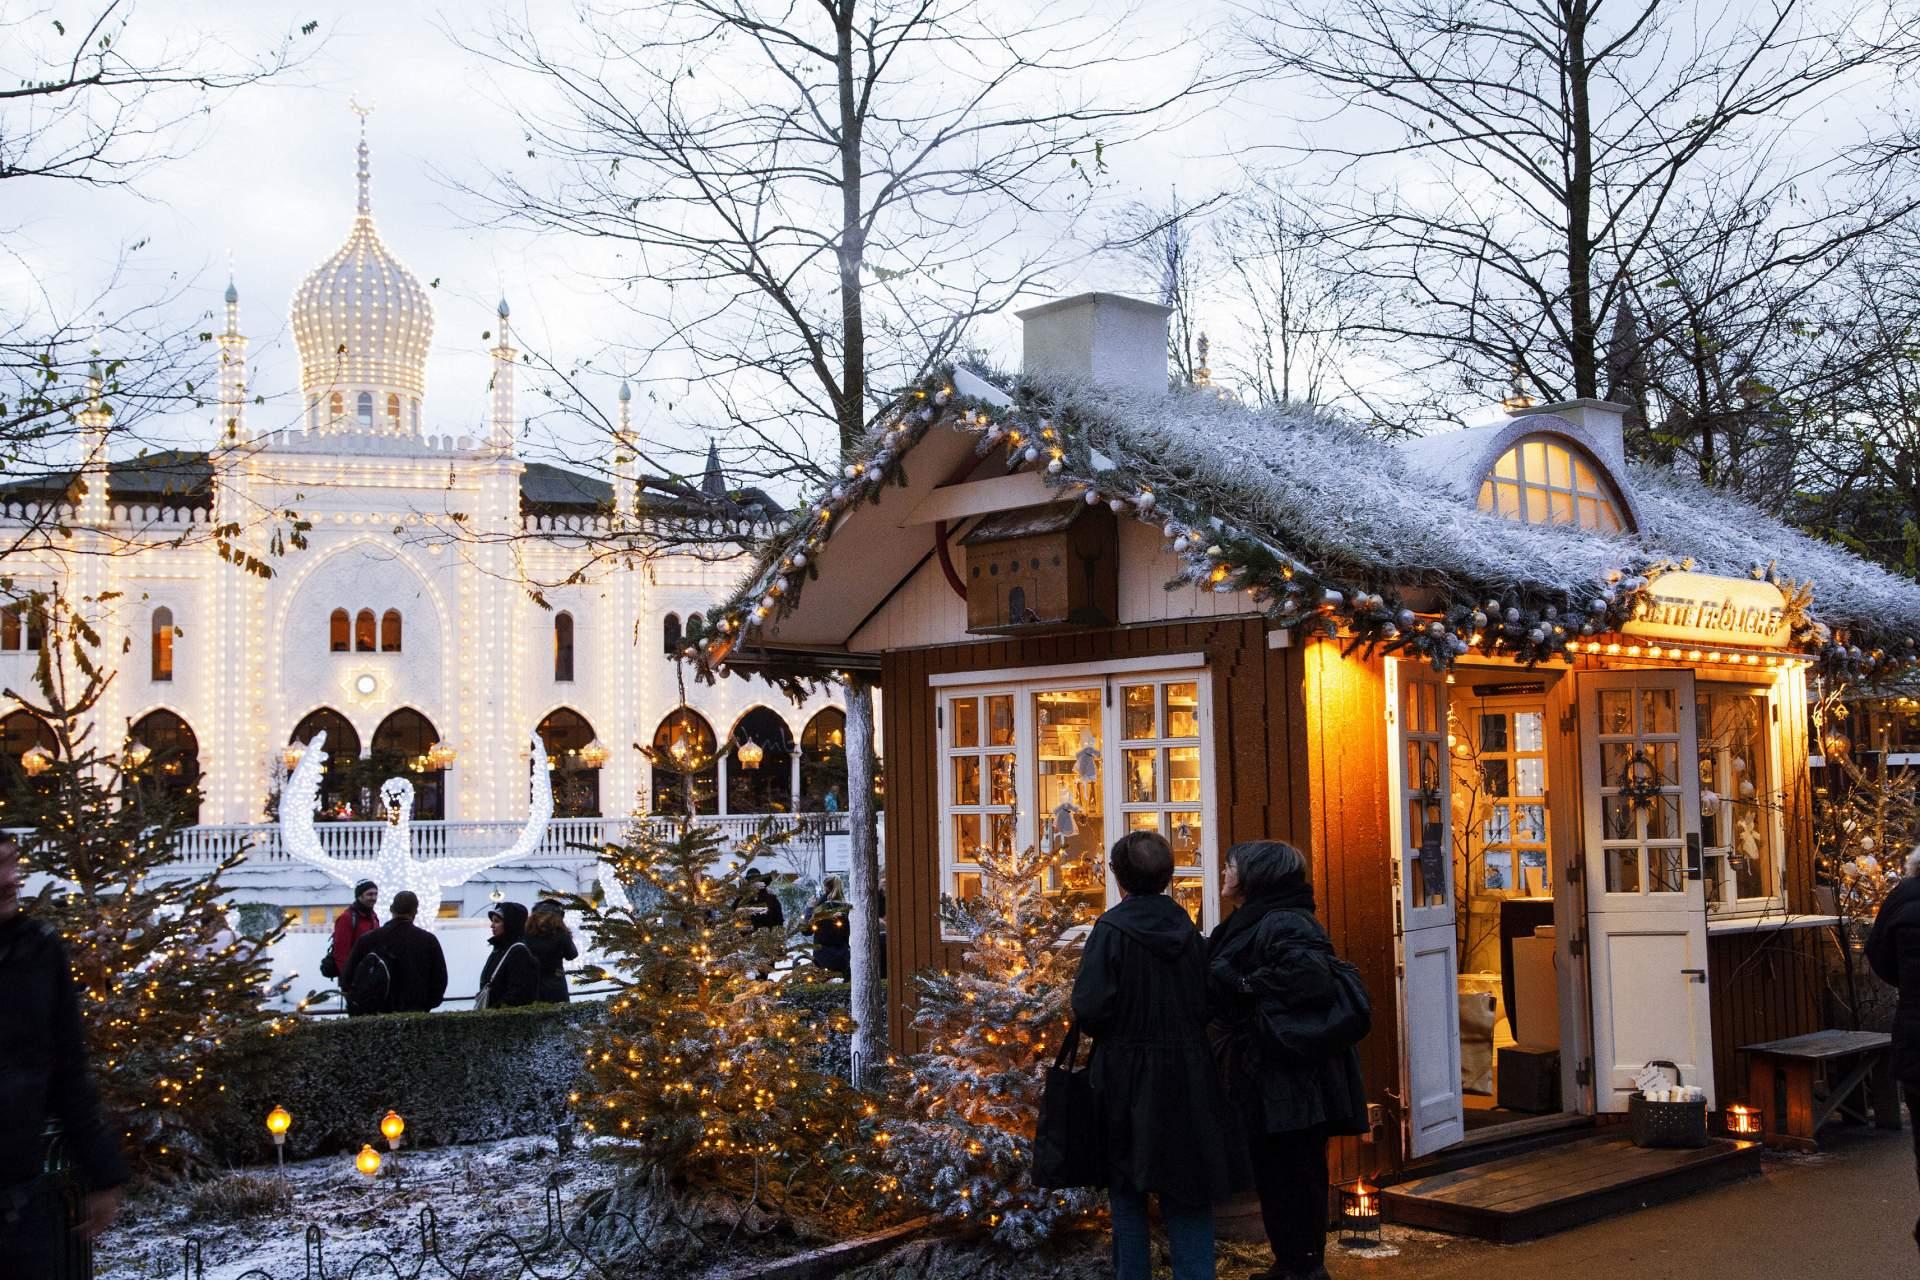 Kerstsfeer in Kopenhagen - Hotel Scandic Hvidovre